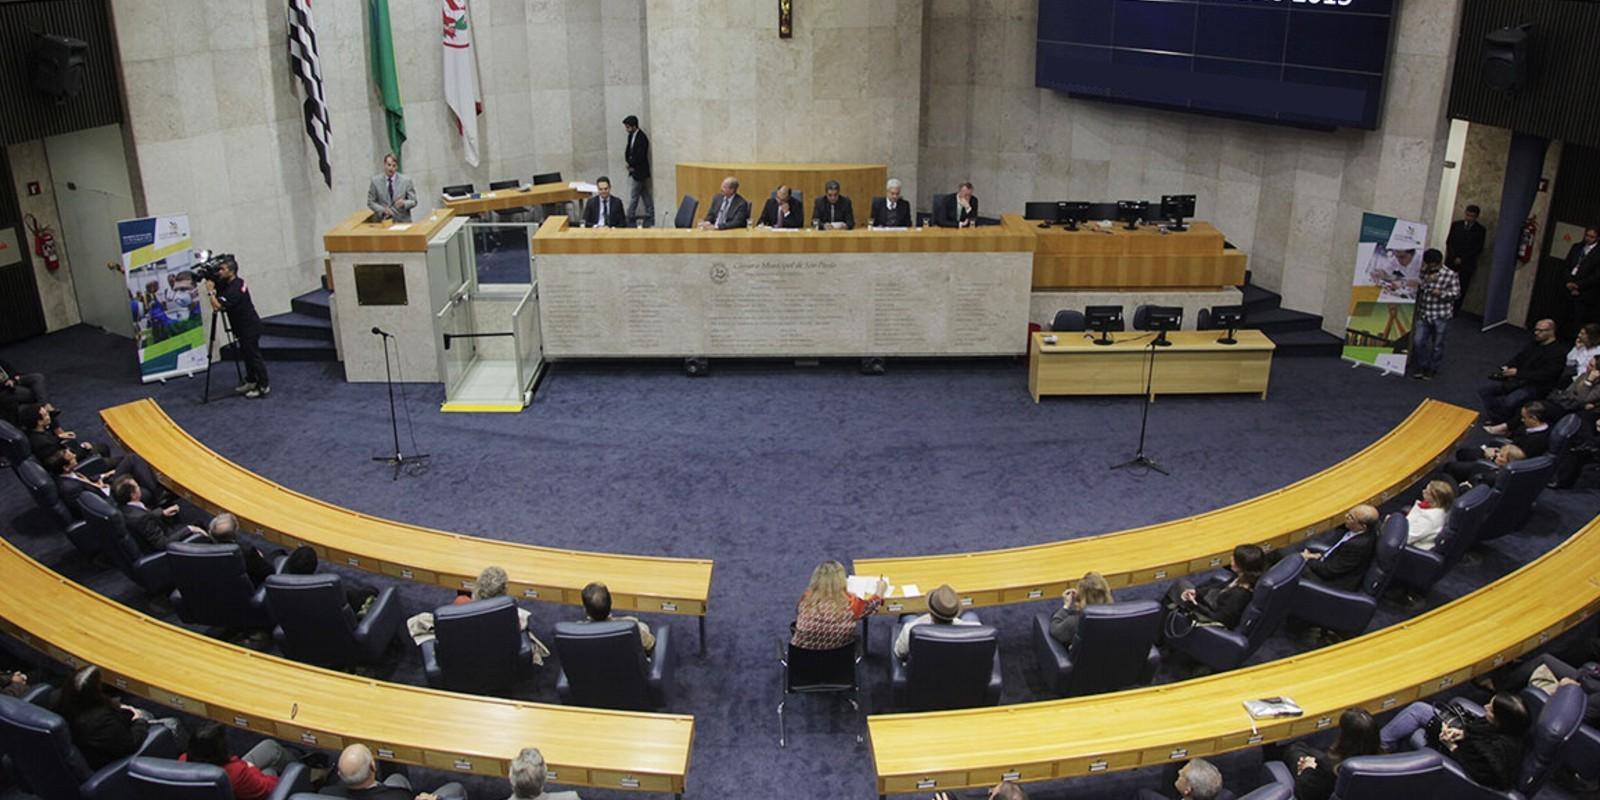 Vereador propõe aumento para servidores municipais